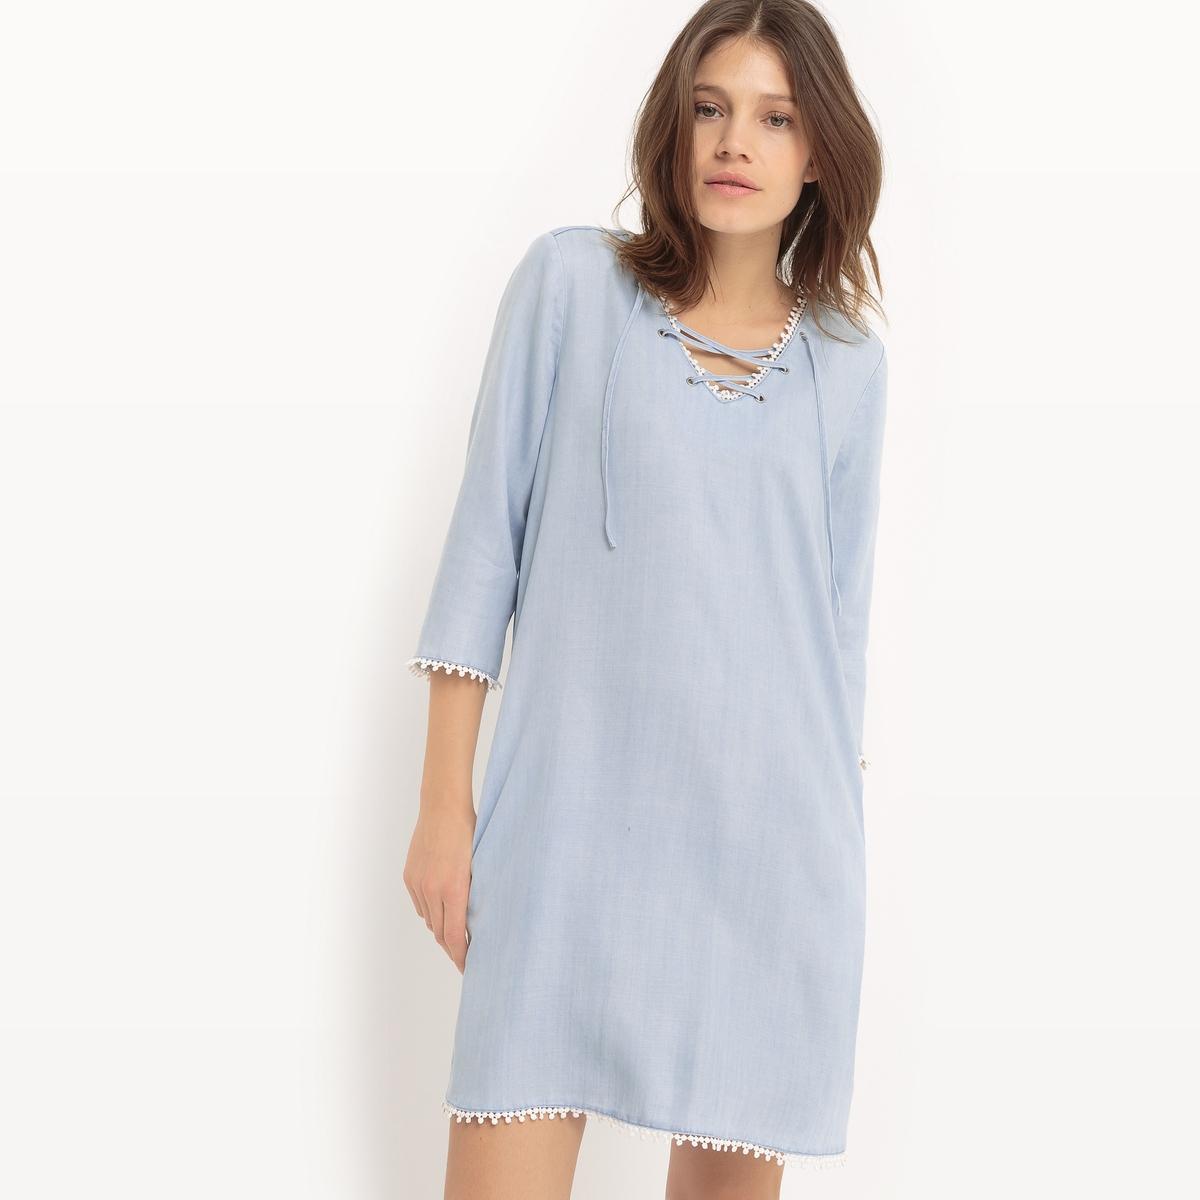 Платье расклешенное из денимаМатериал : 100% лиоцелл   Длина рукава : рукава 3/4   Форма воротника : V-образный вырез  Покрой платья : платье прямого покроя     Рисунок : однотонная модель Длина платья : короткое<br><br>Цвет: голубой<br>Размер: 34 (FR) - 40 (RUS).38 (FR) - 44 (RUS)